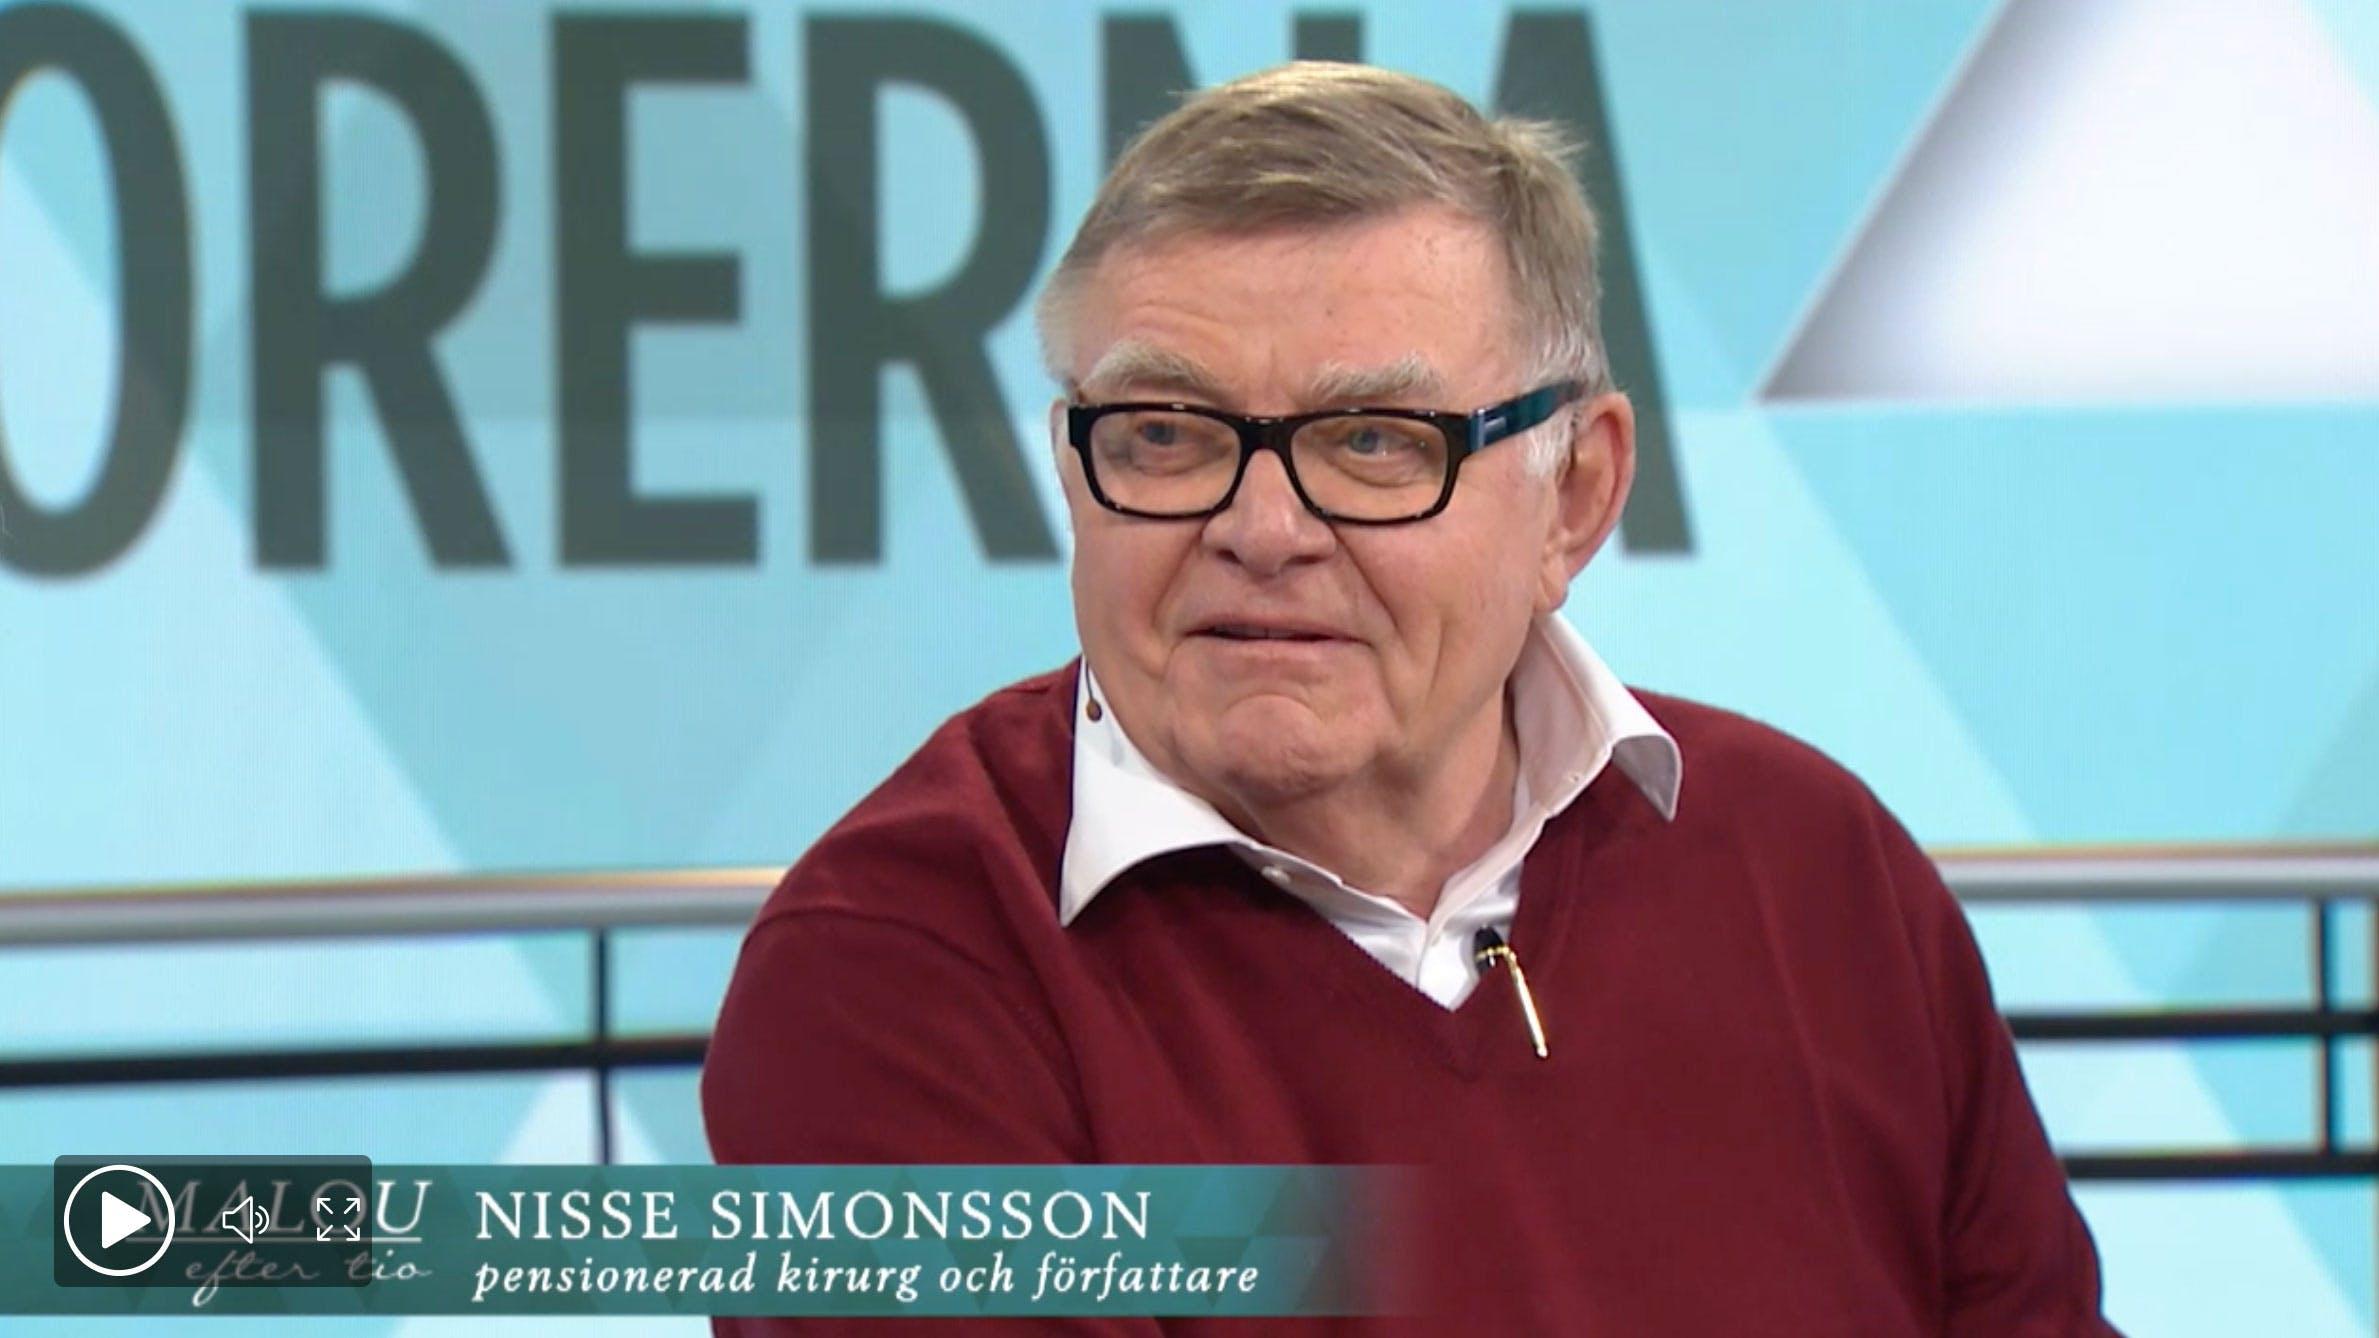 nissesimonsson